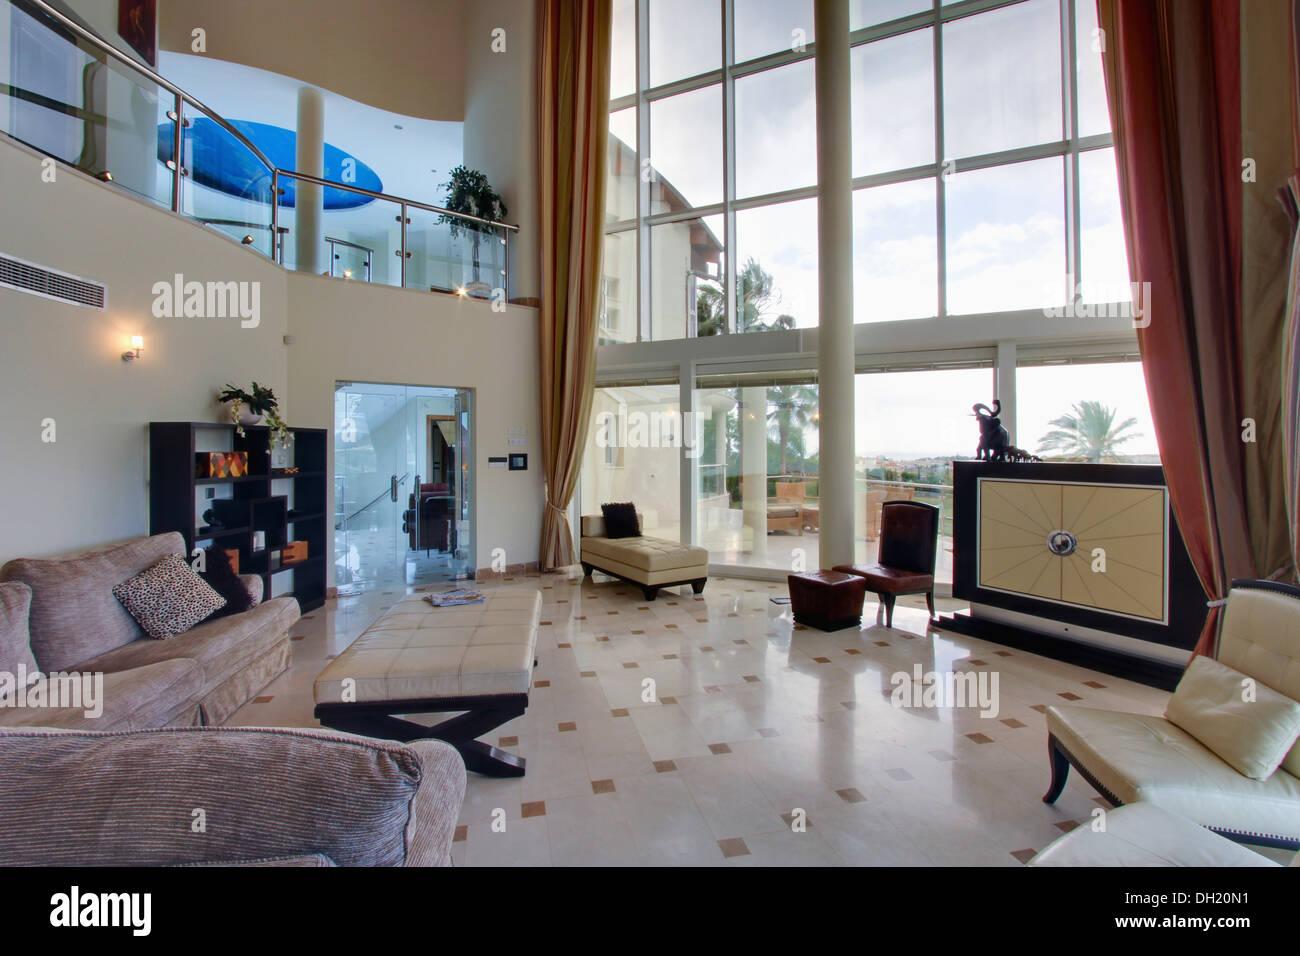 Versteckt Im Großen Schrank Vor Glaswand In Großen Modernen, Doppelte Höhe  Spanische Wohnzimmer Fernsehen